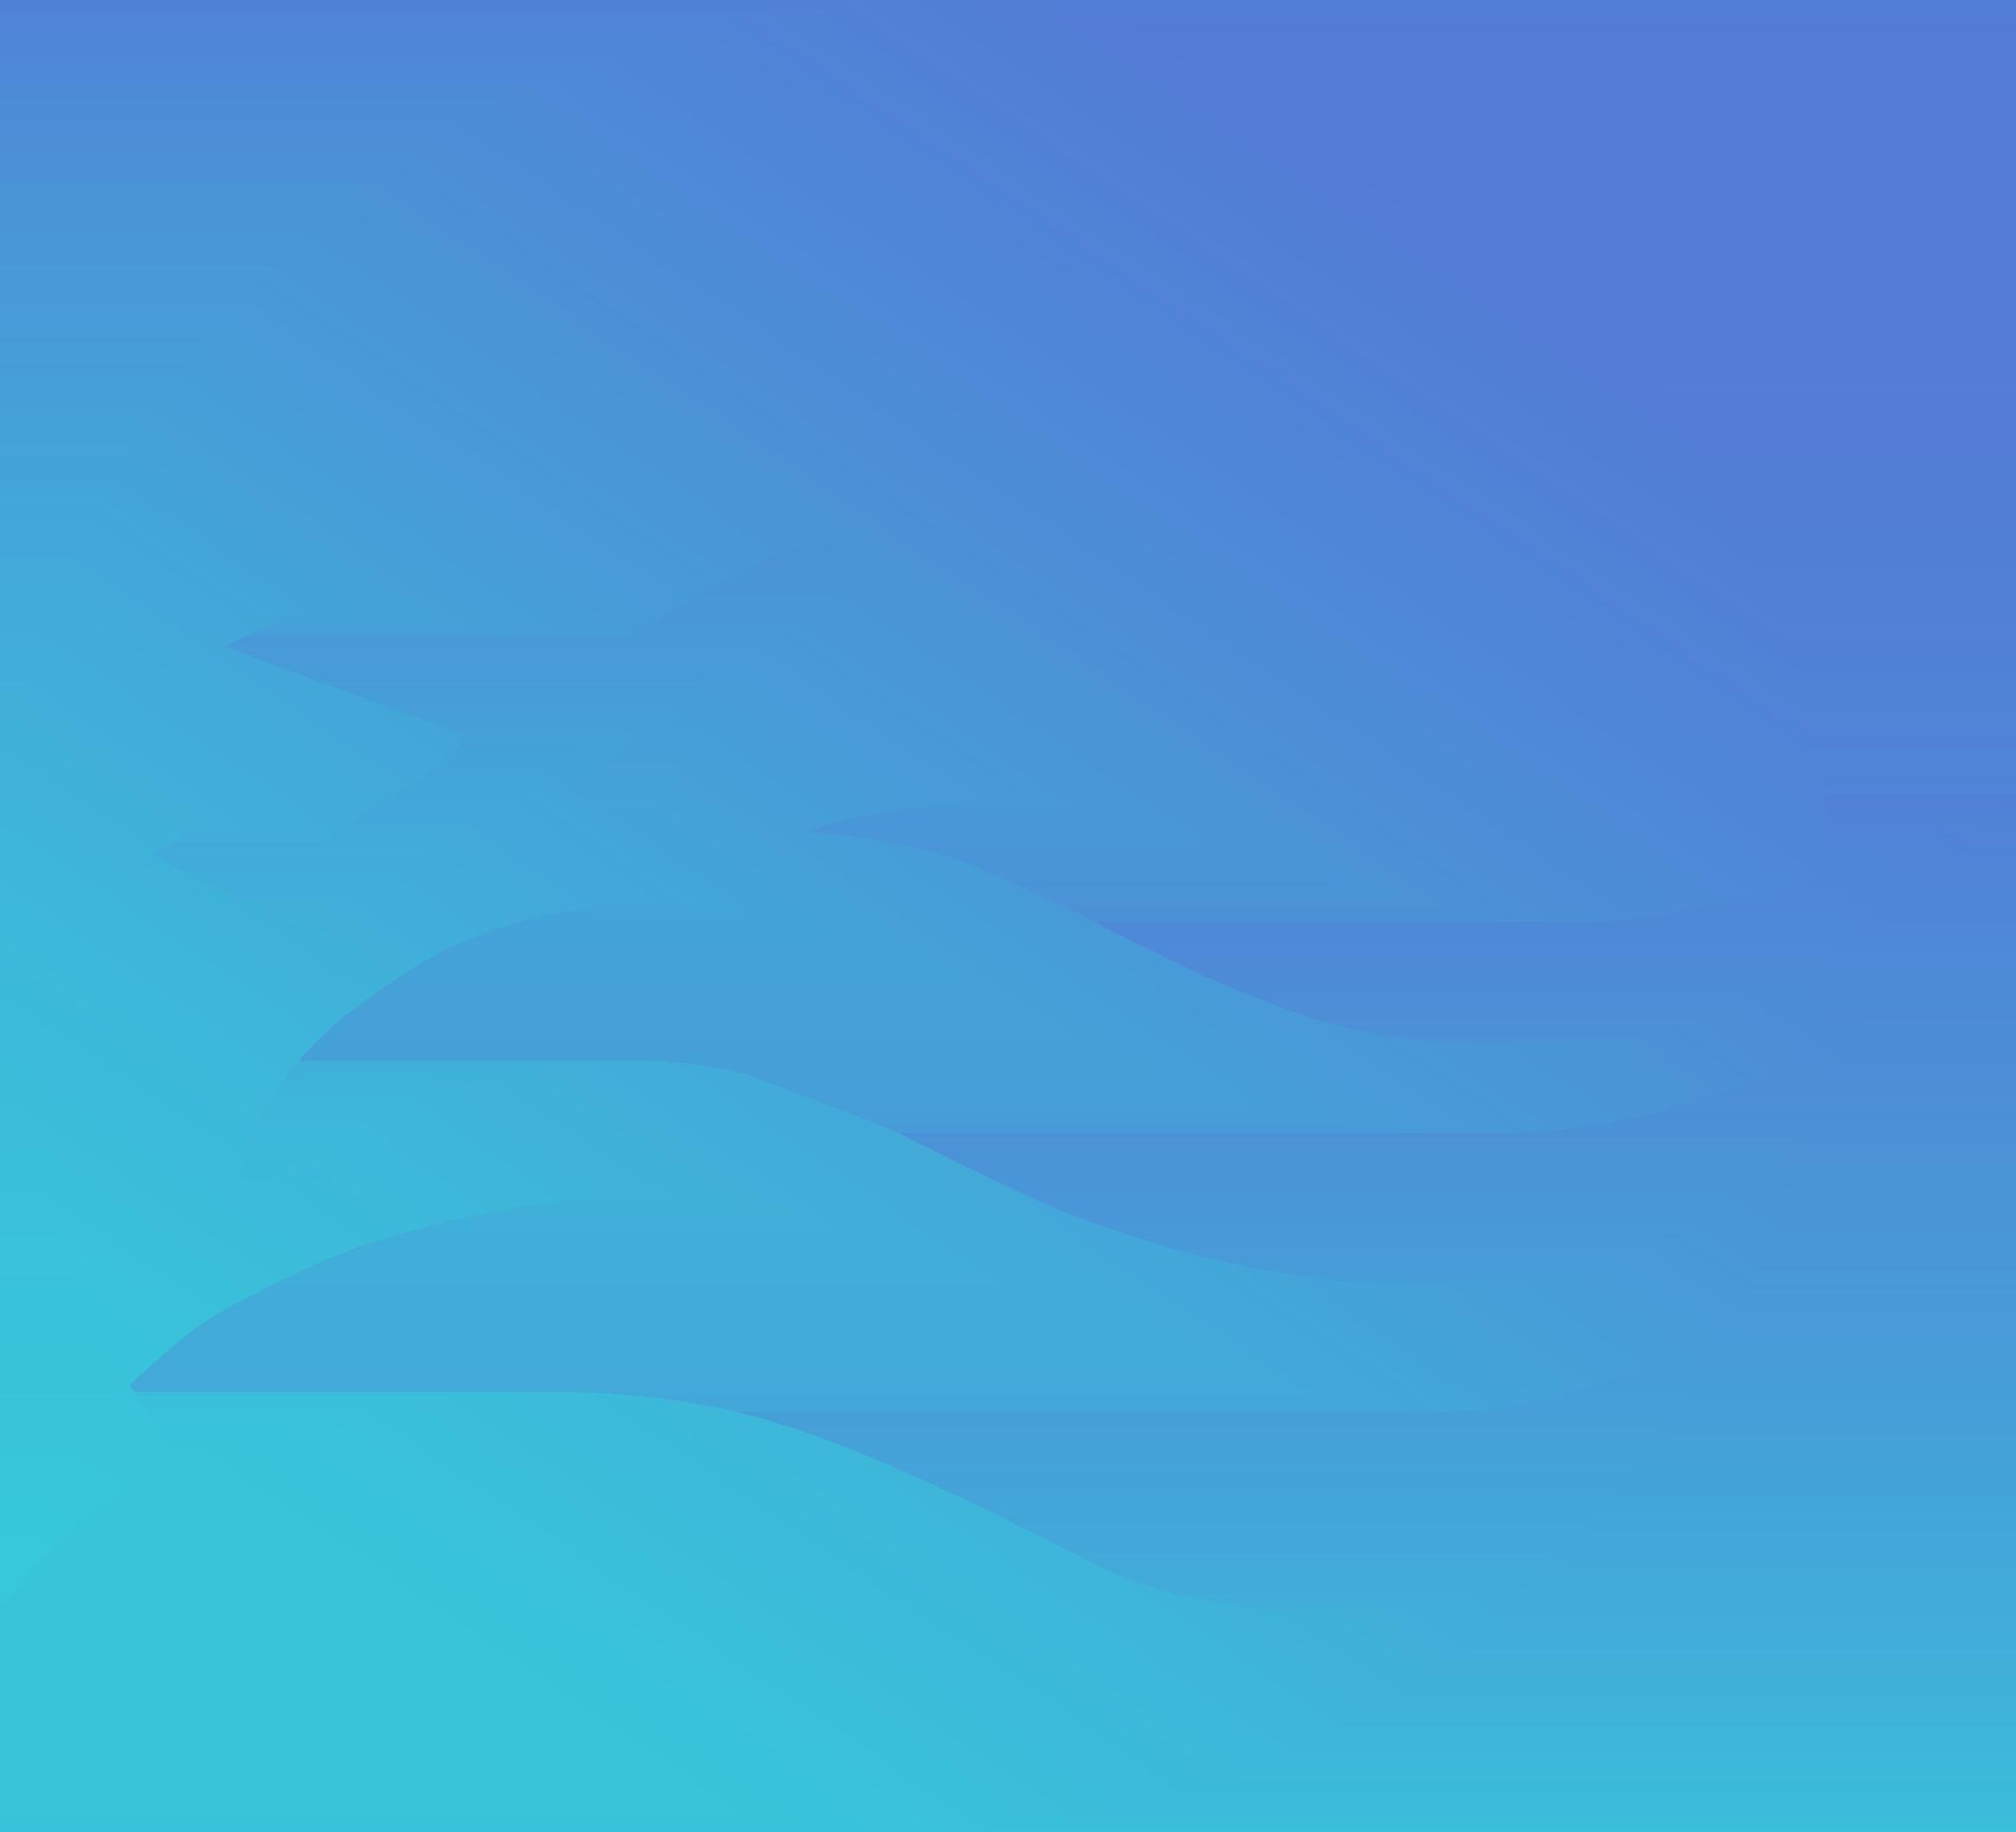 آژانس مسافرتی ساحل نقره ای اراک